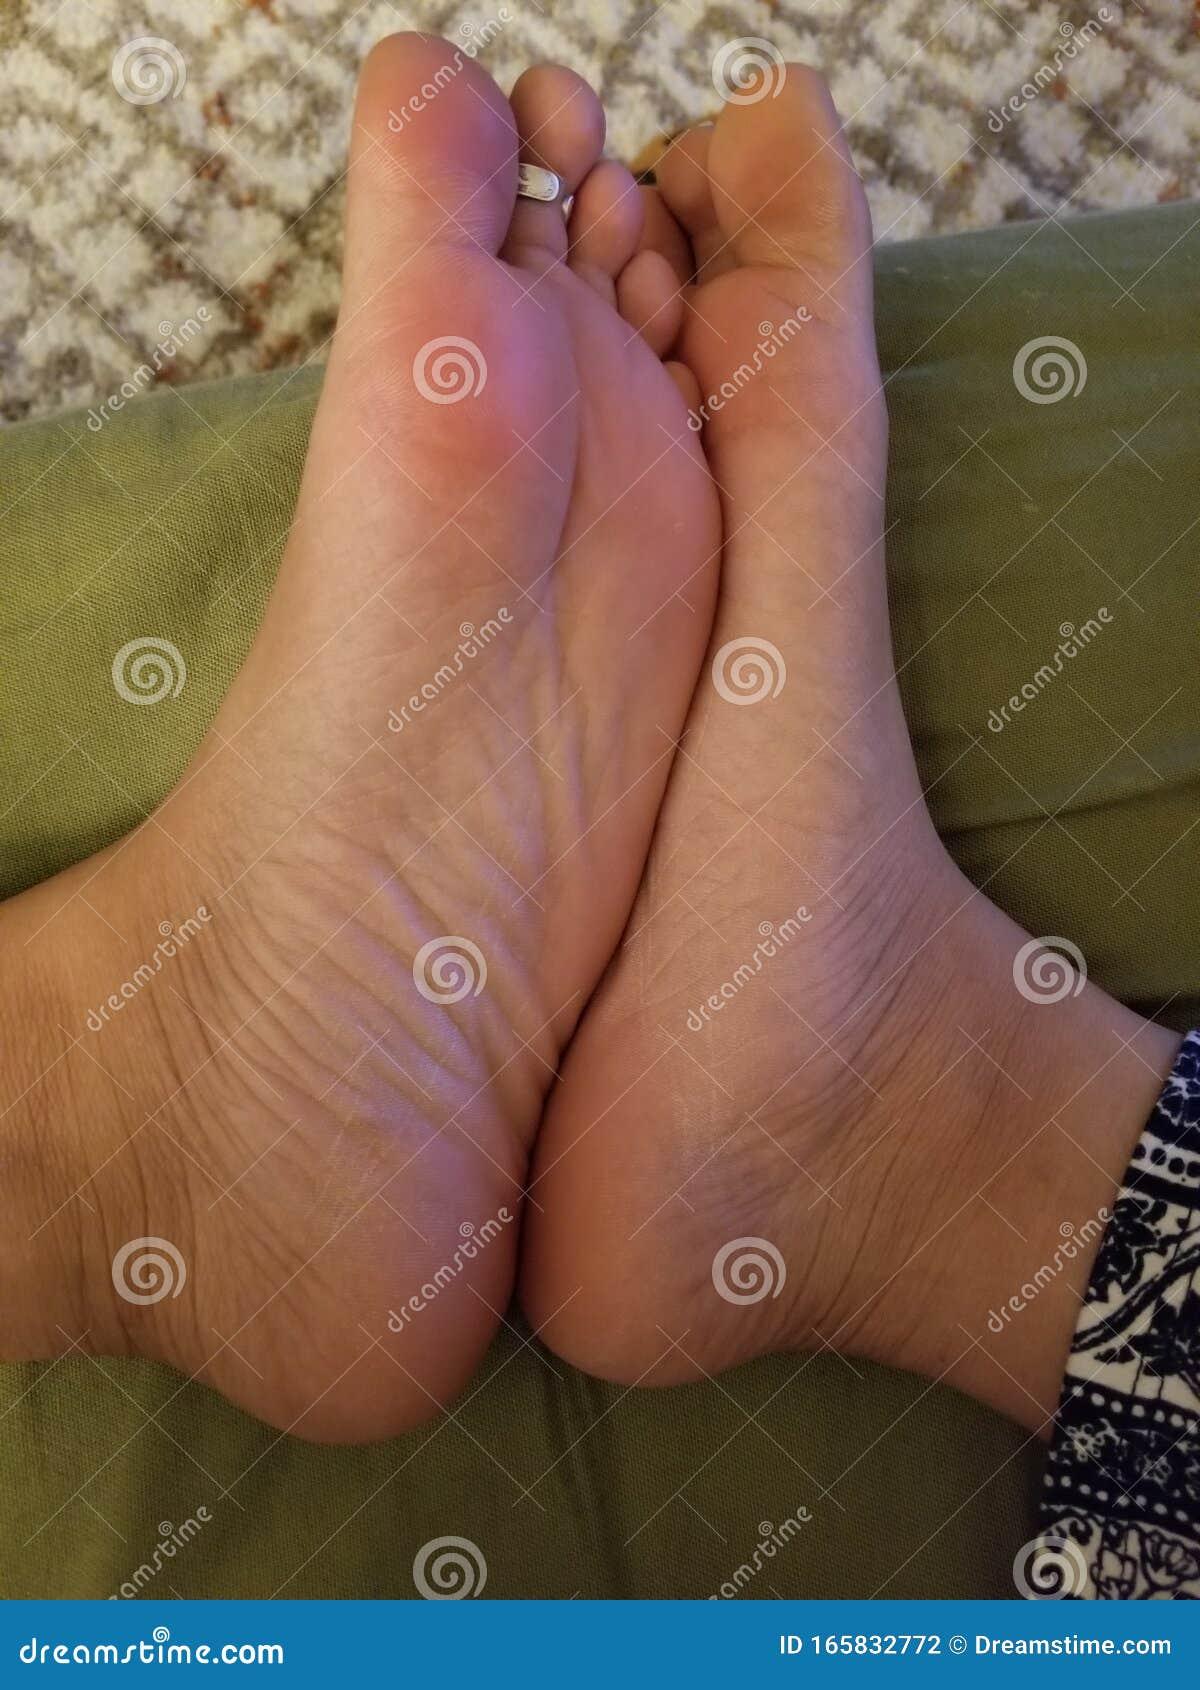 Ebony Feet Pics